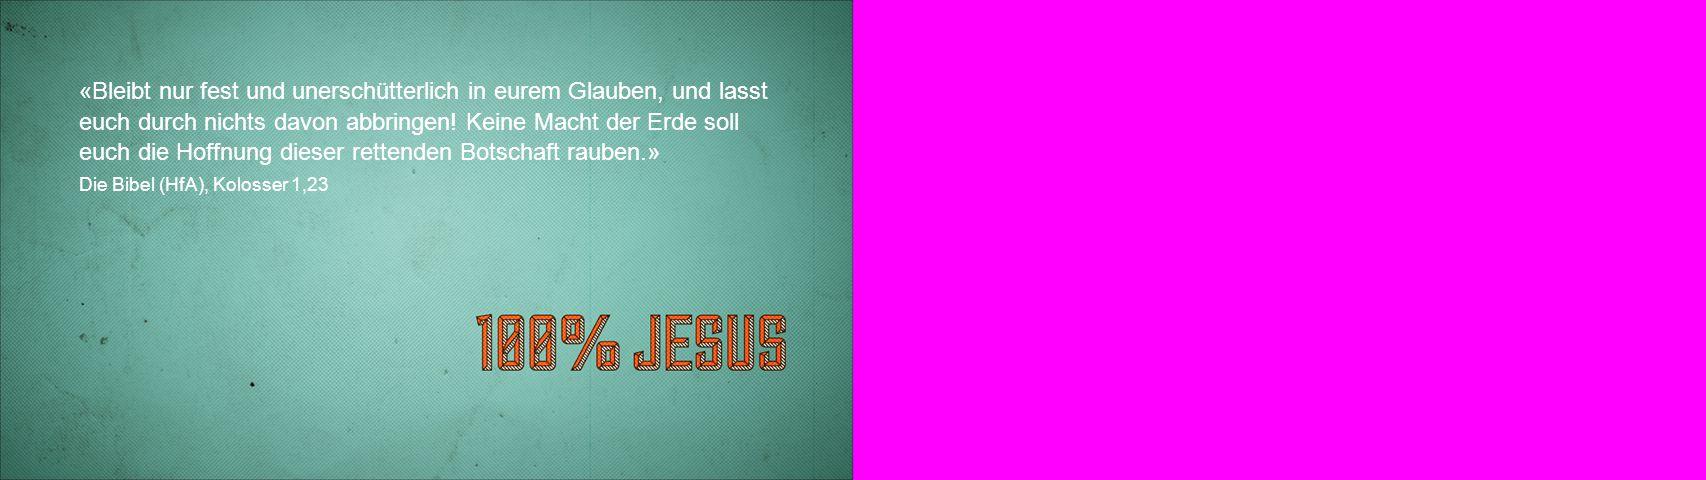 «Bleibt nur fest und unerschütterlich in eurem Glauben, und lasst euch durch nichts davon abbringen.